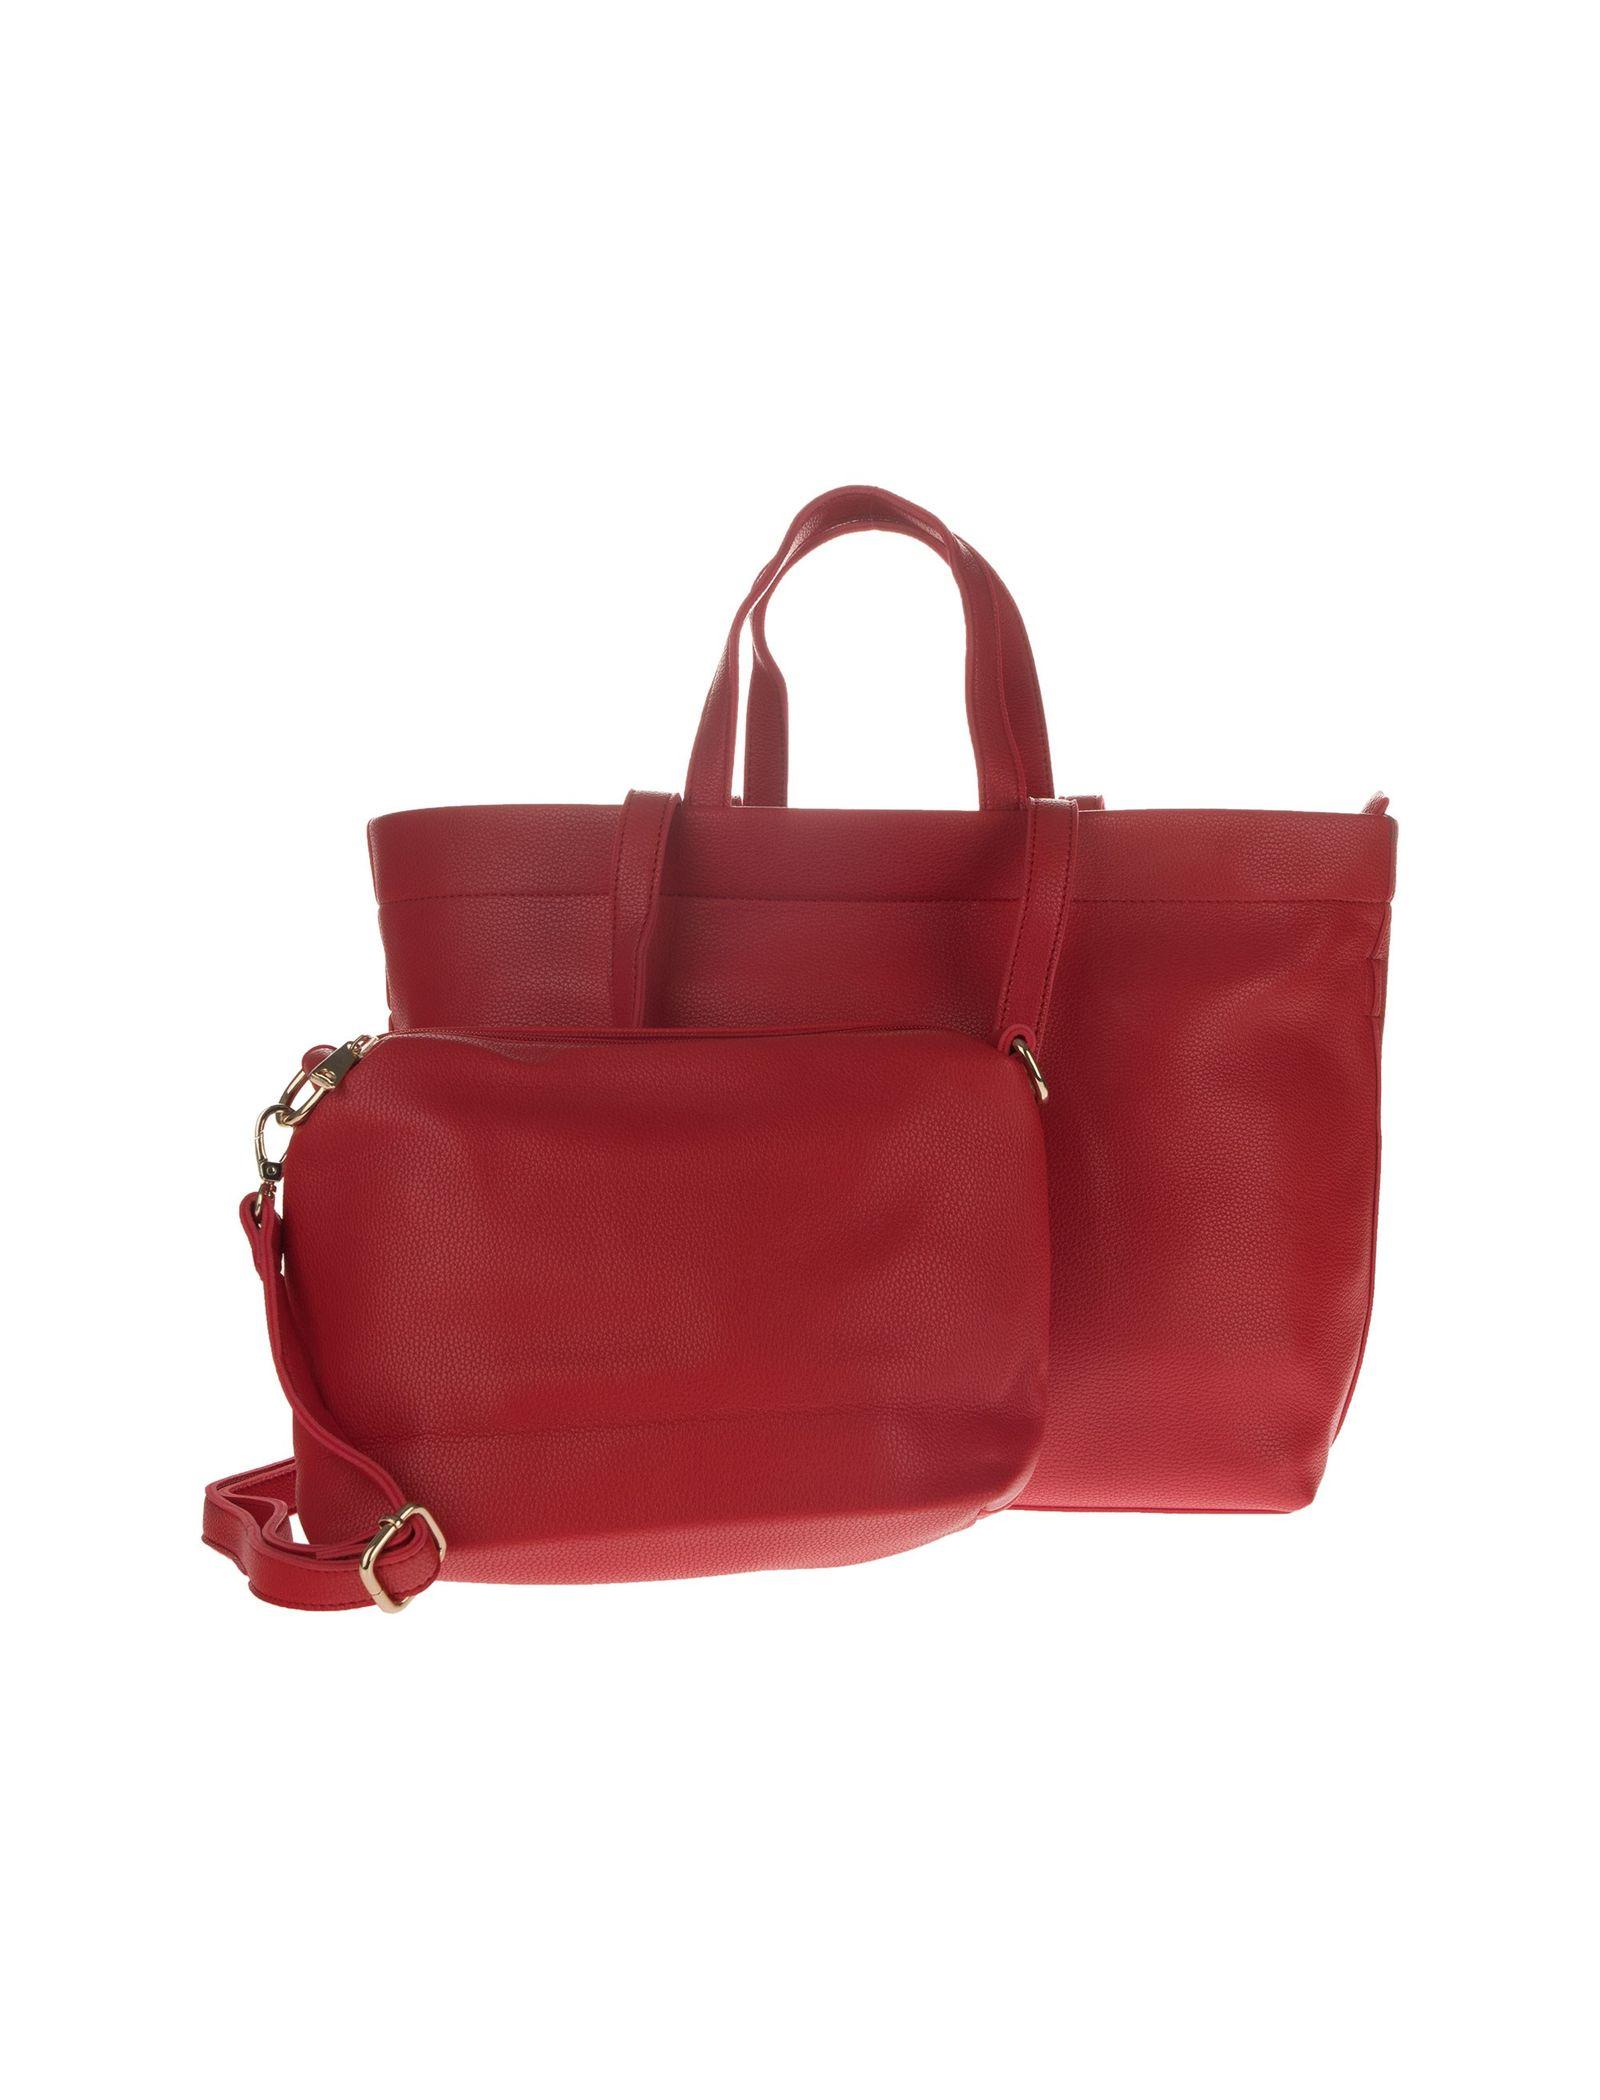 کیف دوشی روزمره زنانه - دادلین - قرمز  - 1